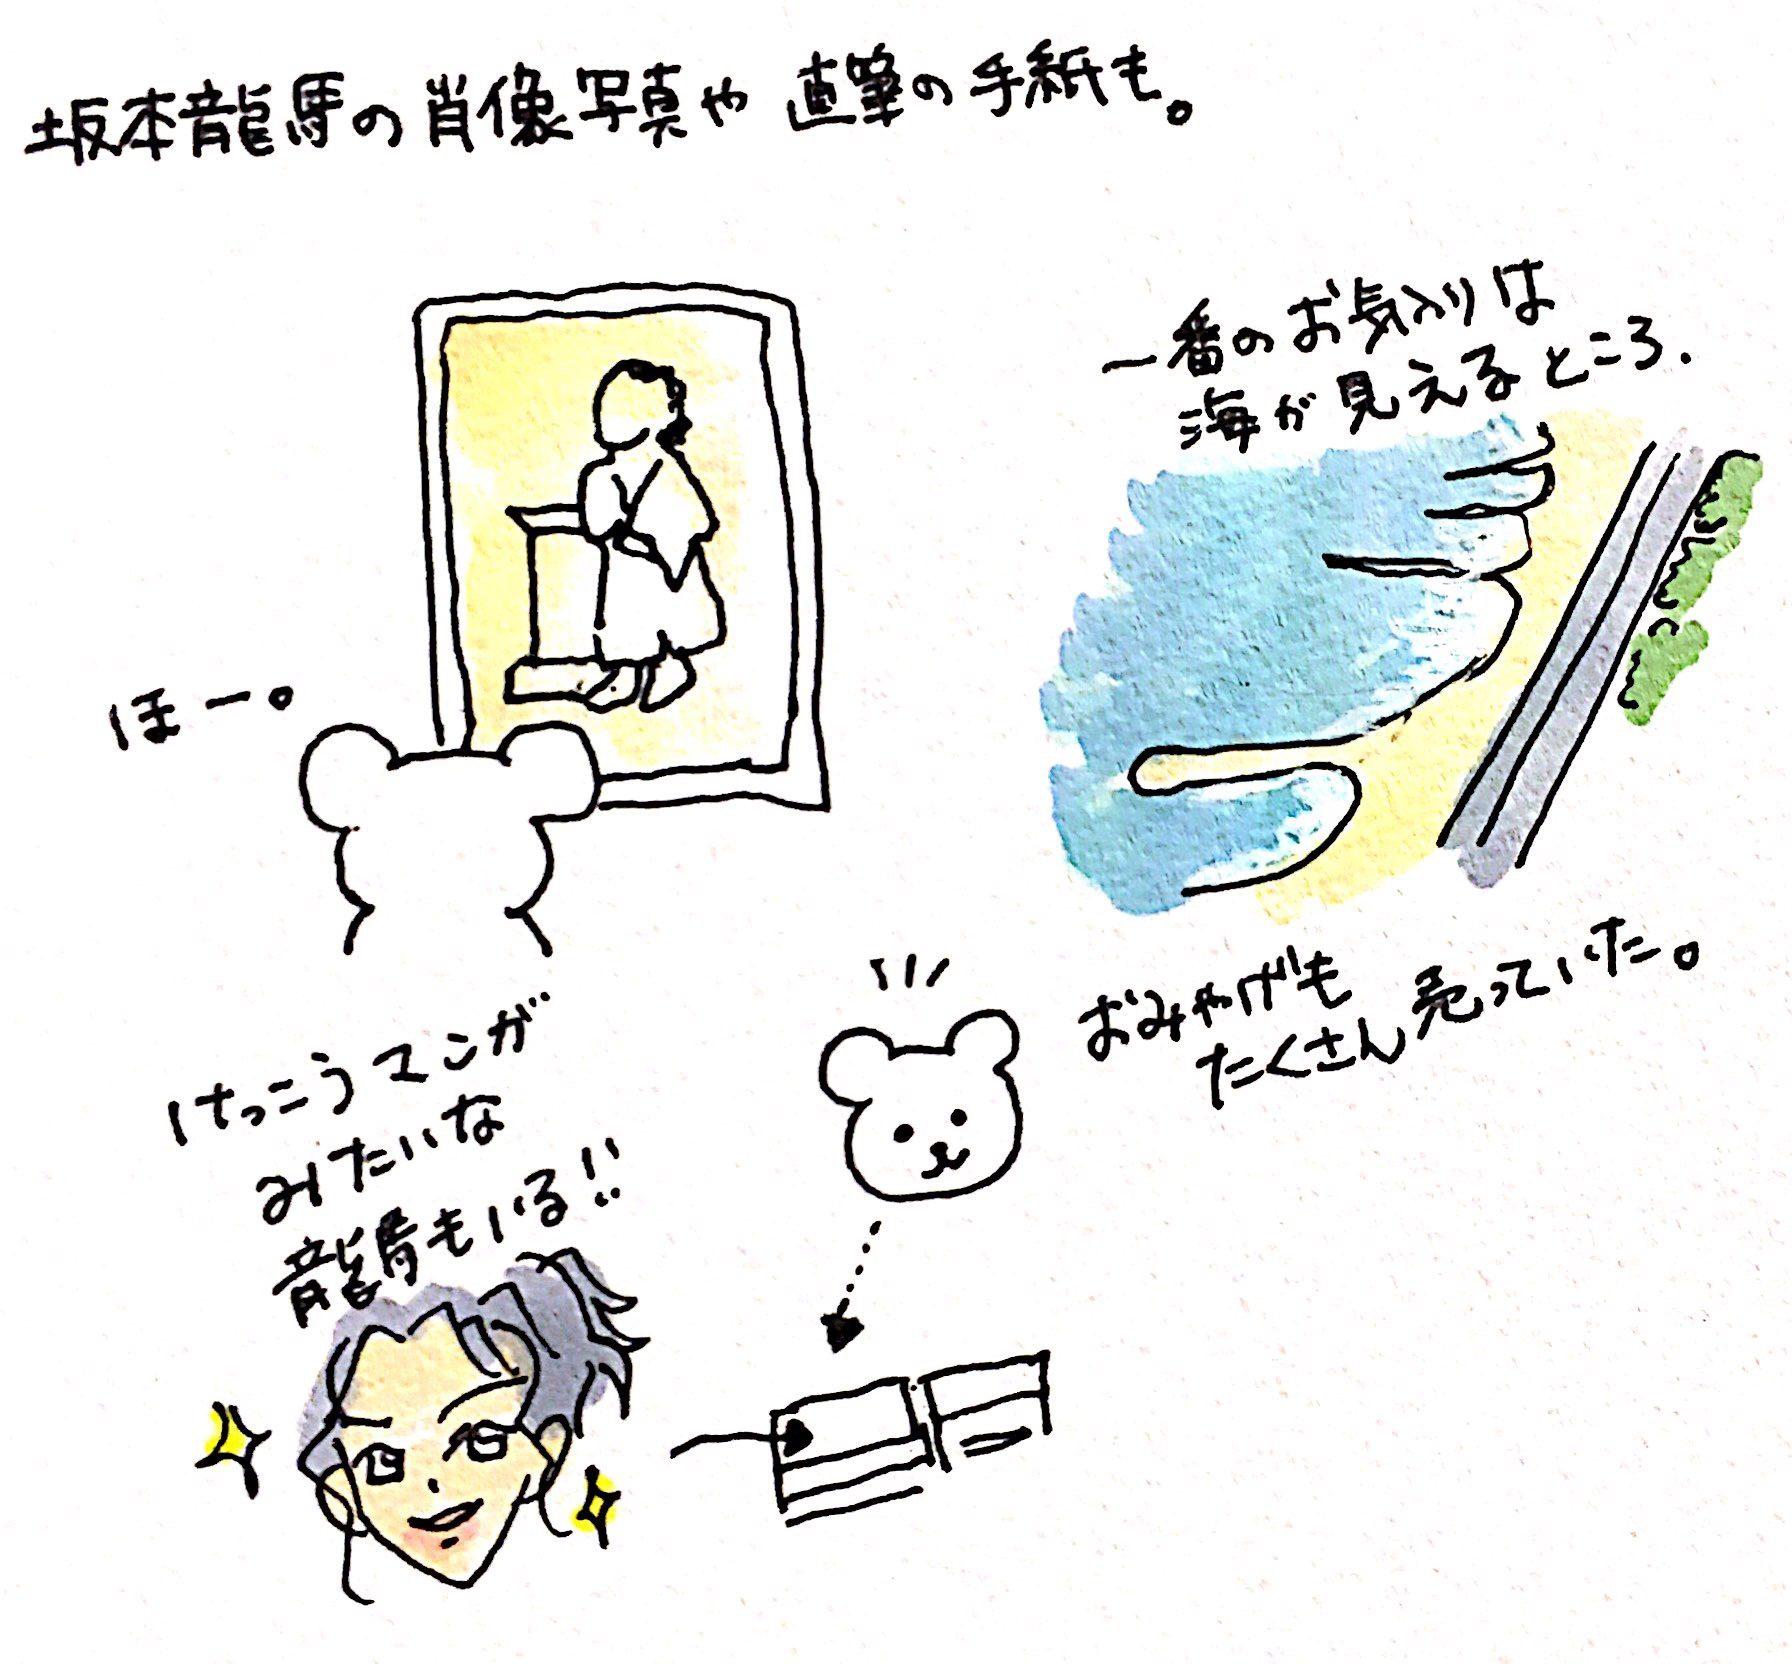 坂本龍馬資料館のイラスト